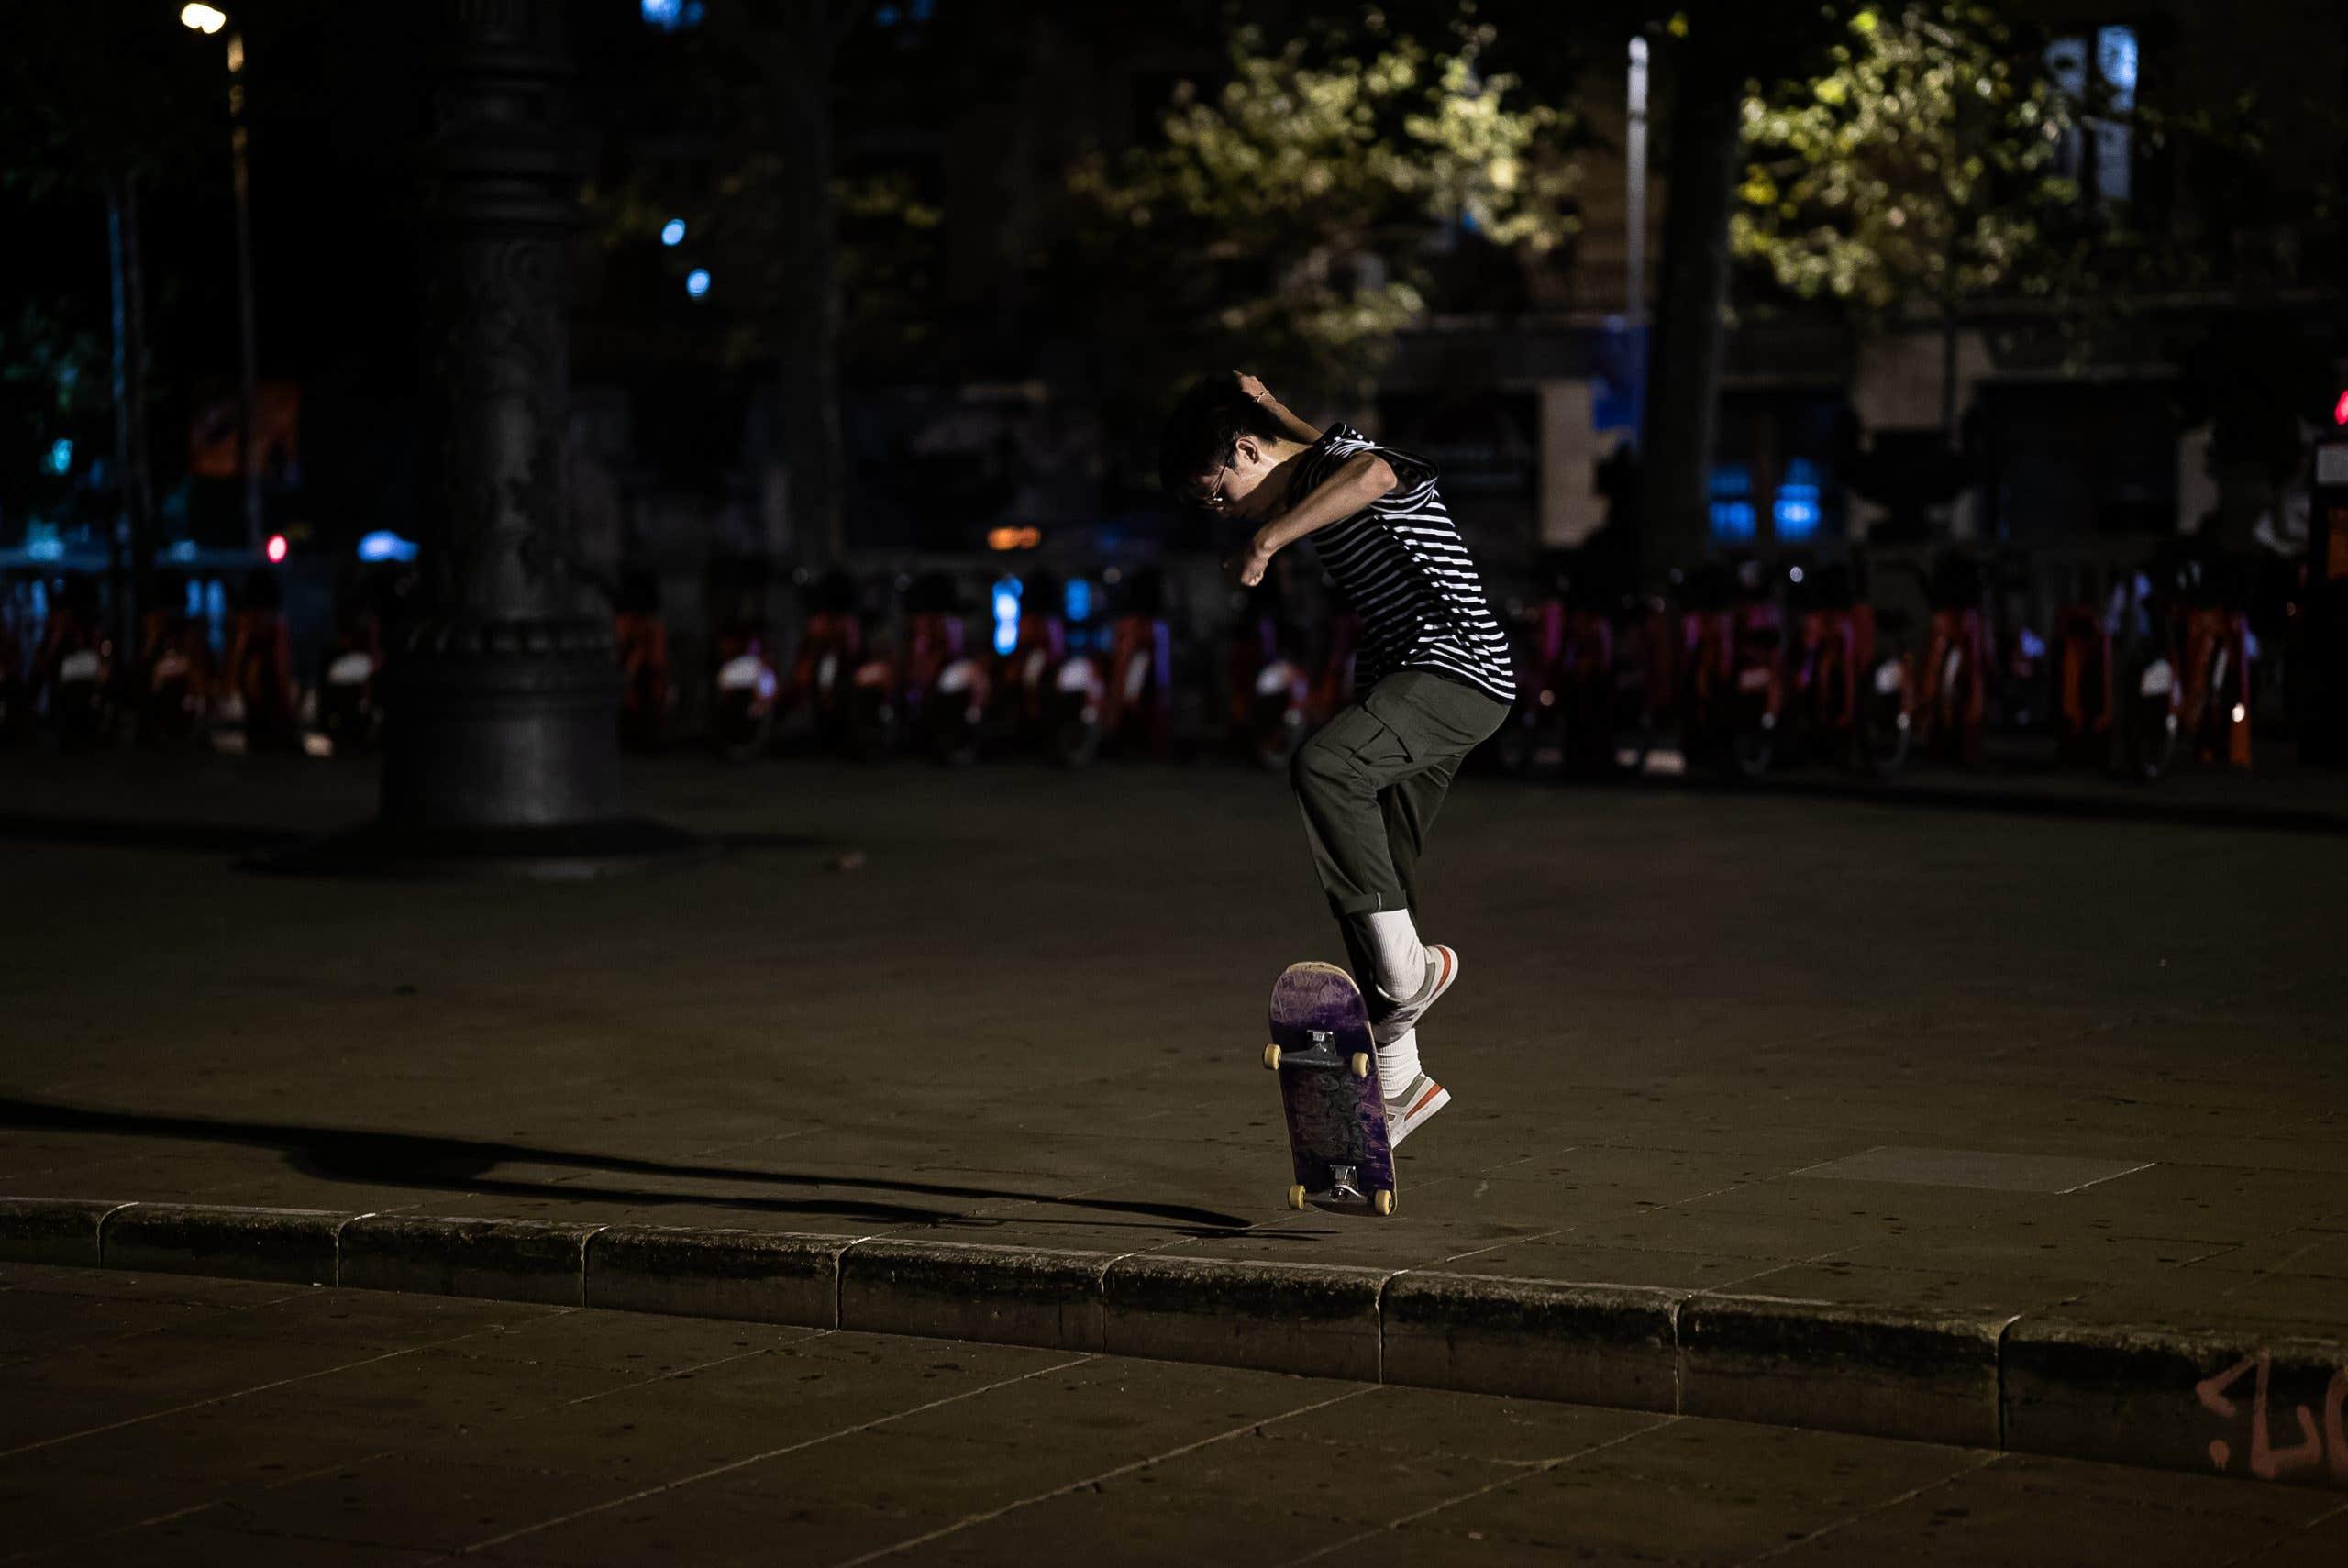 Foto de prueba de seguimiento de autofoco - skater haciendo un truco, de noche, con luz de la calle.